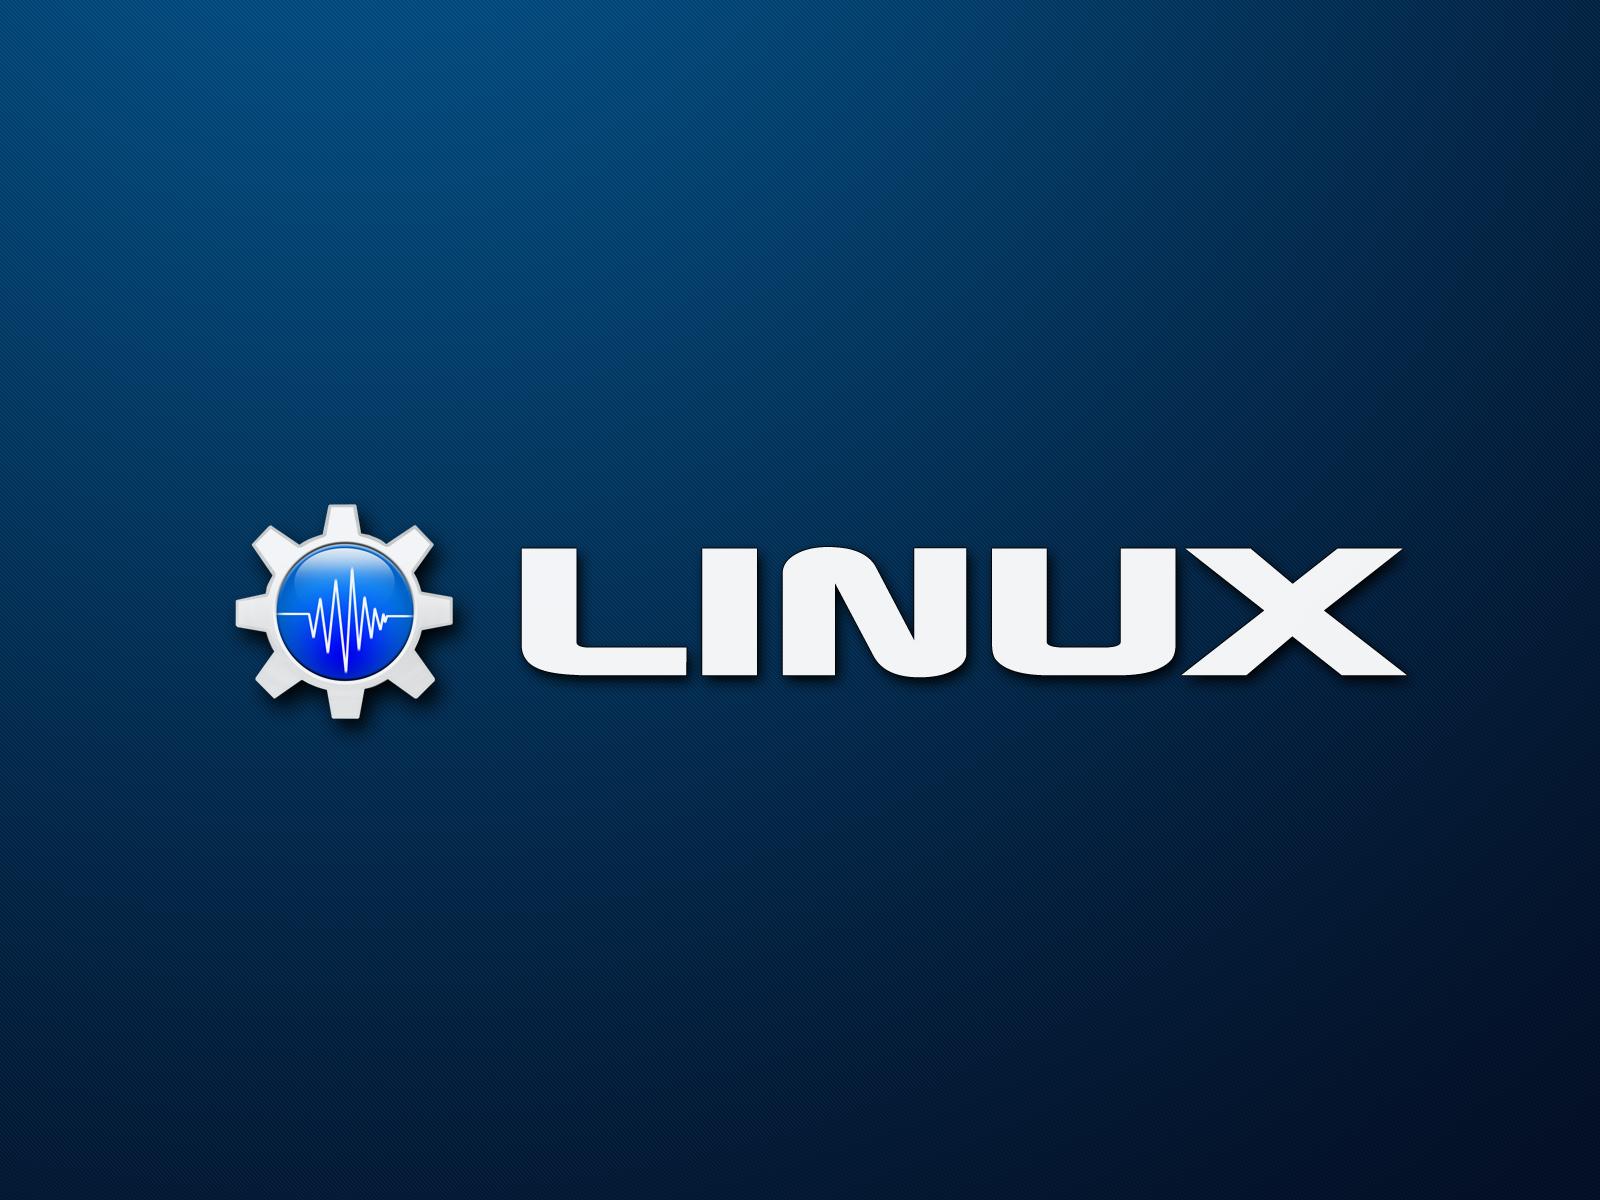 ubuntu linux wallpapers set 3 - photo #2